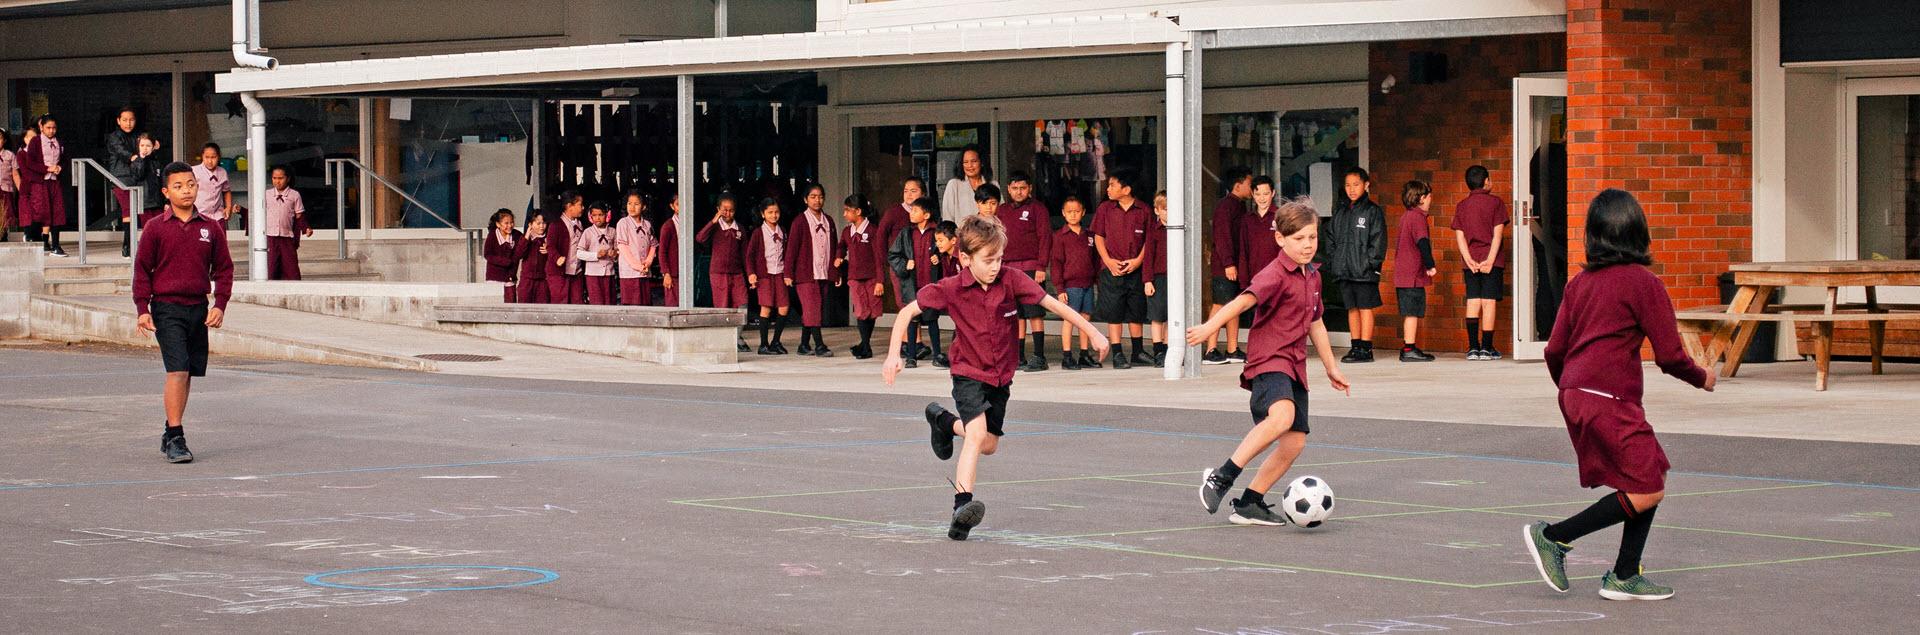 Catholic Primary School Epsom